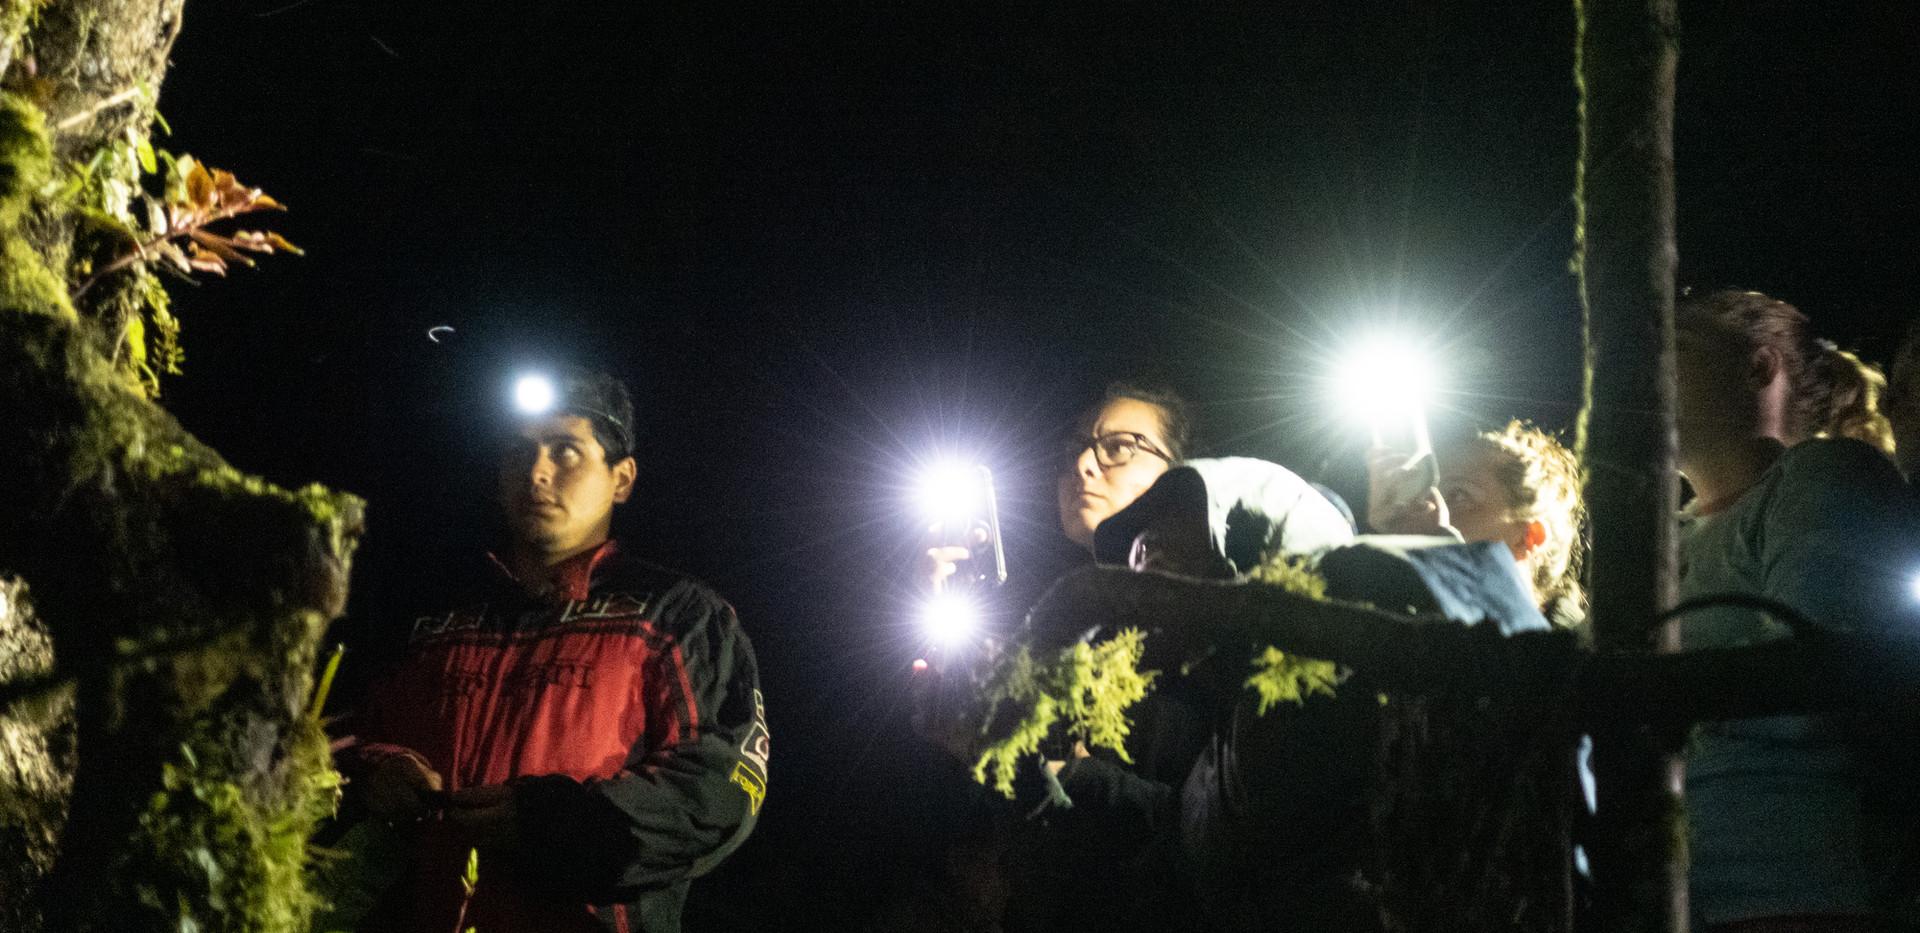 Caminatas nocturnas guiadas